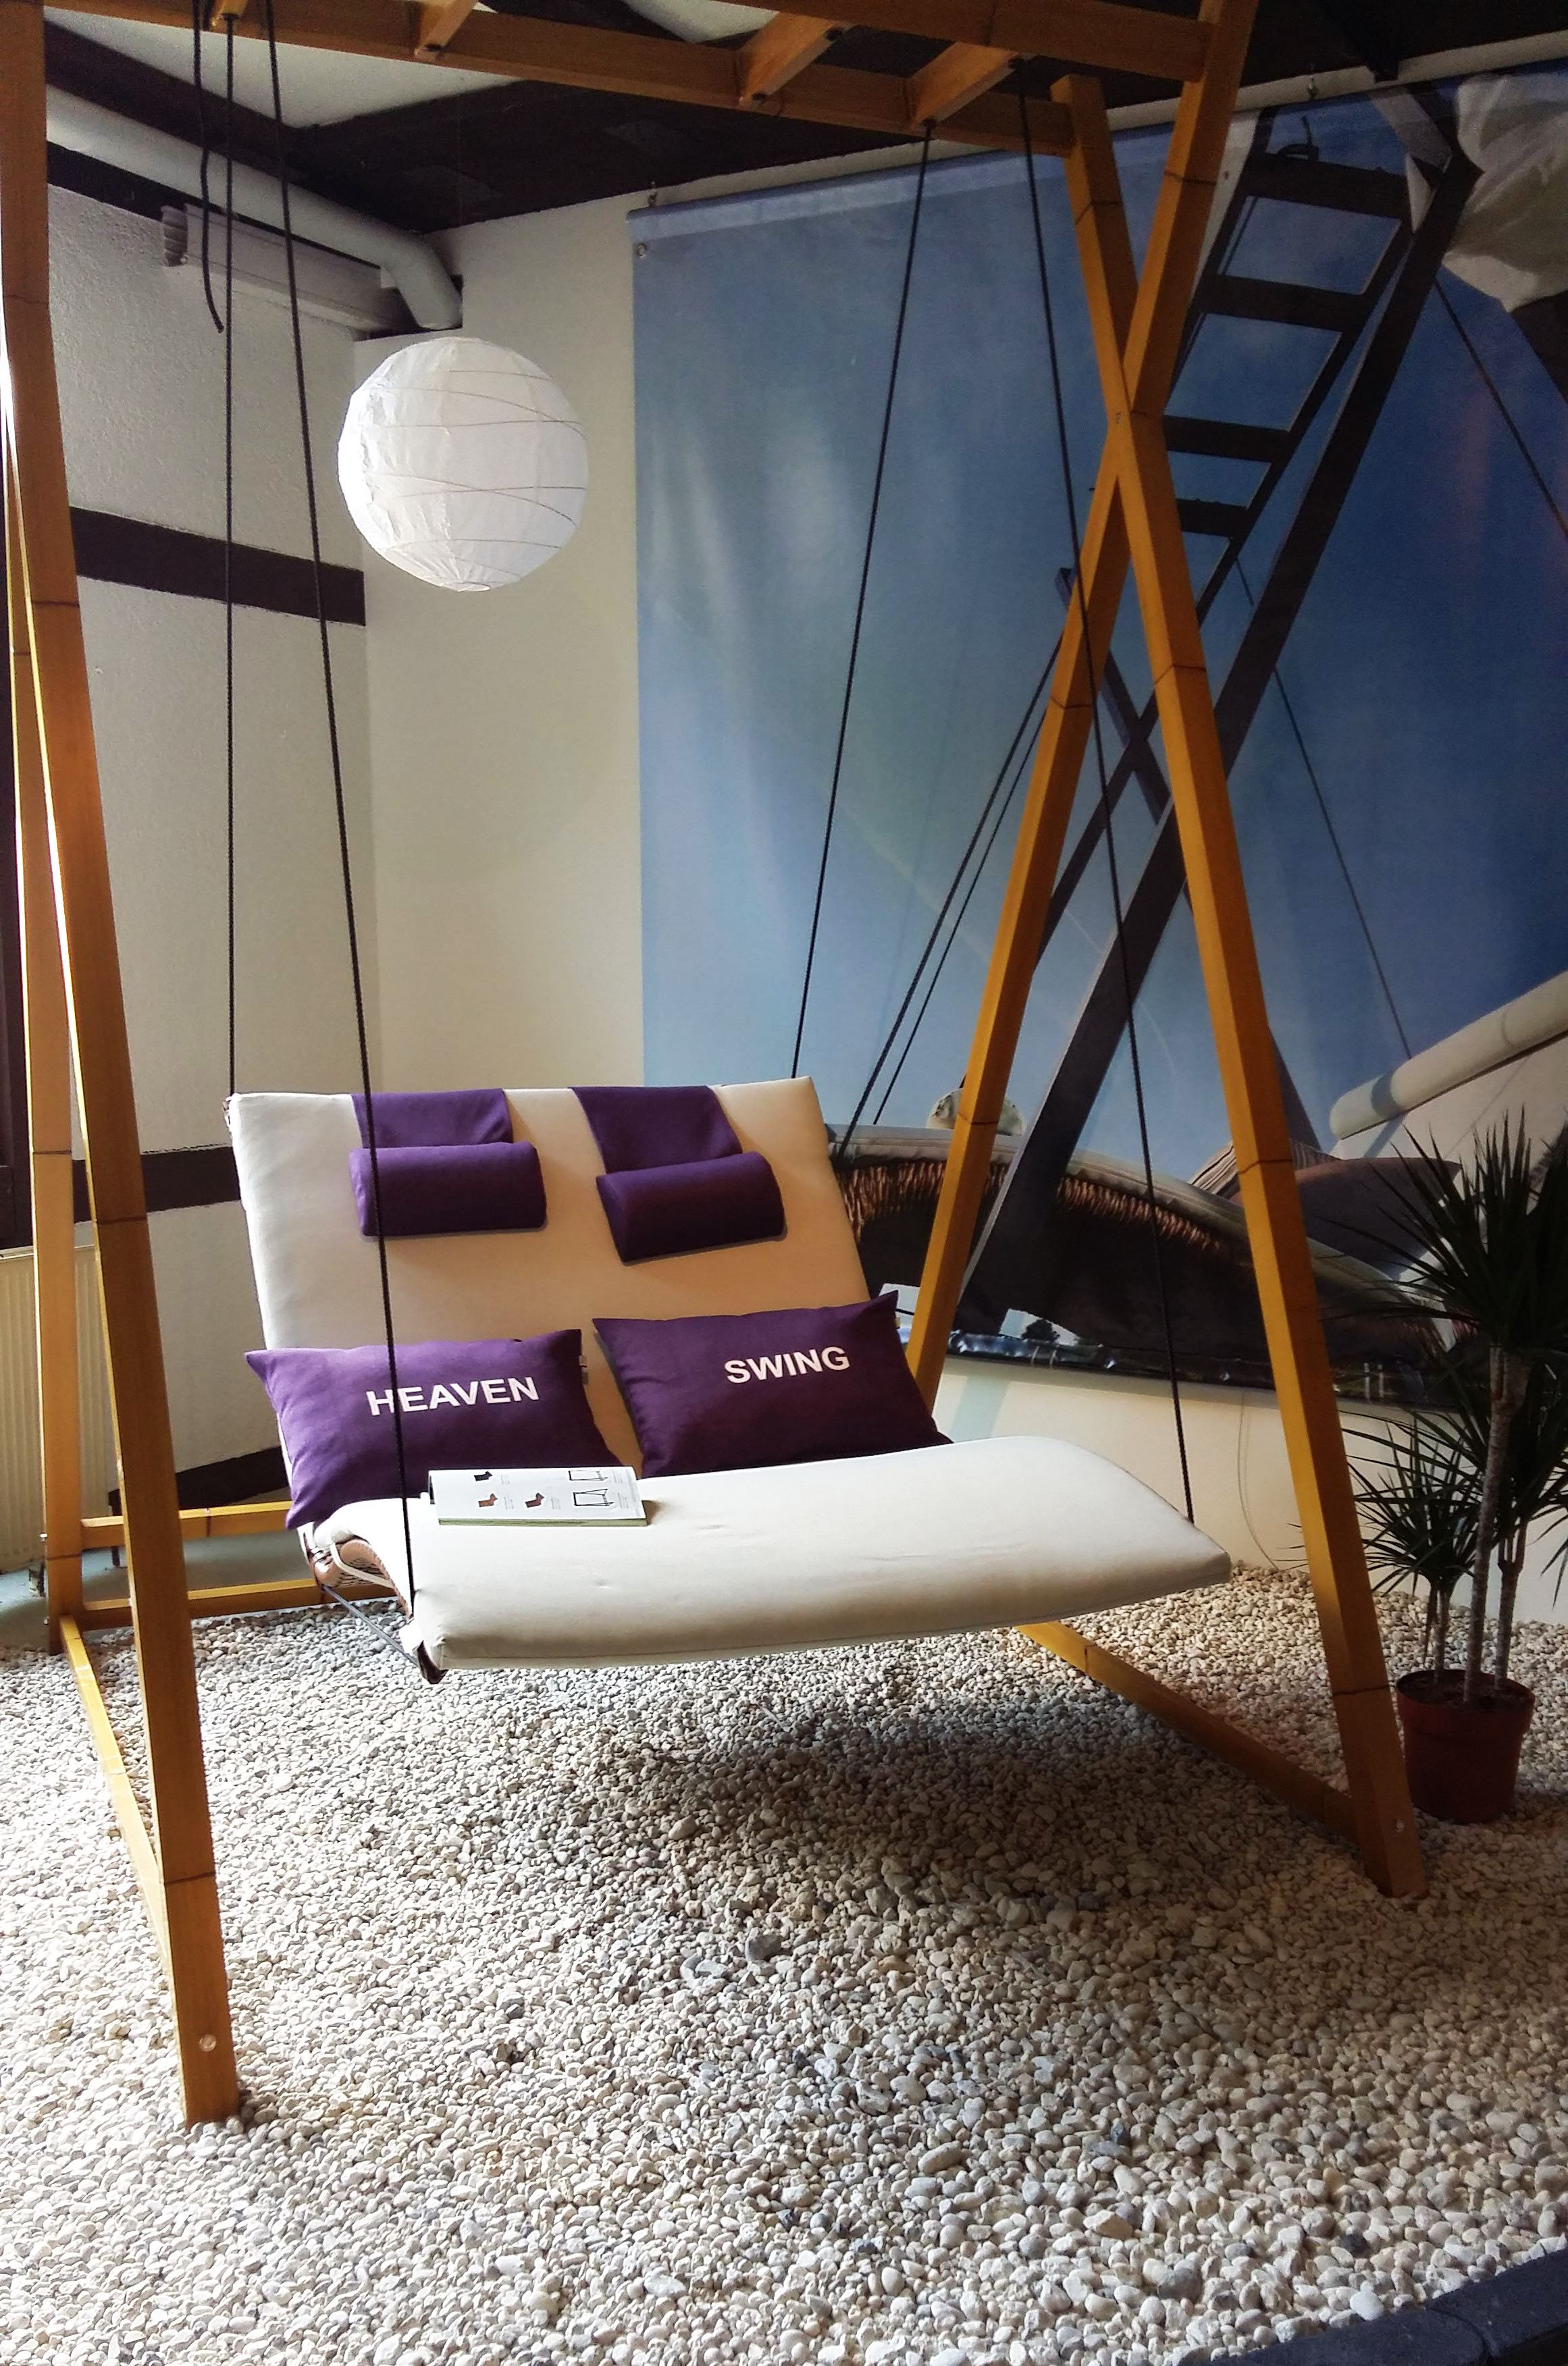 mbm queen 39 s garden vereint f r pures genie en im gr nen wohnzimmer online m bel magazin. Black Bedroom Furniture Sets. Home Design Ideas